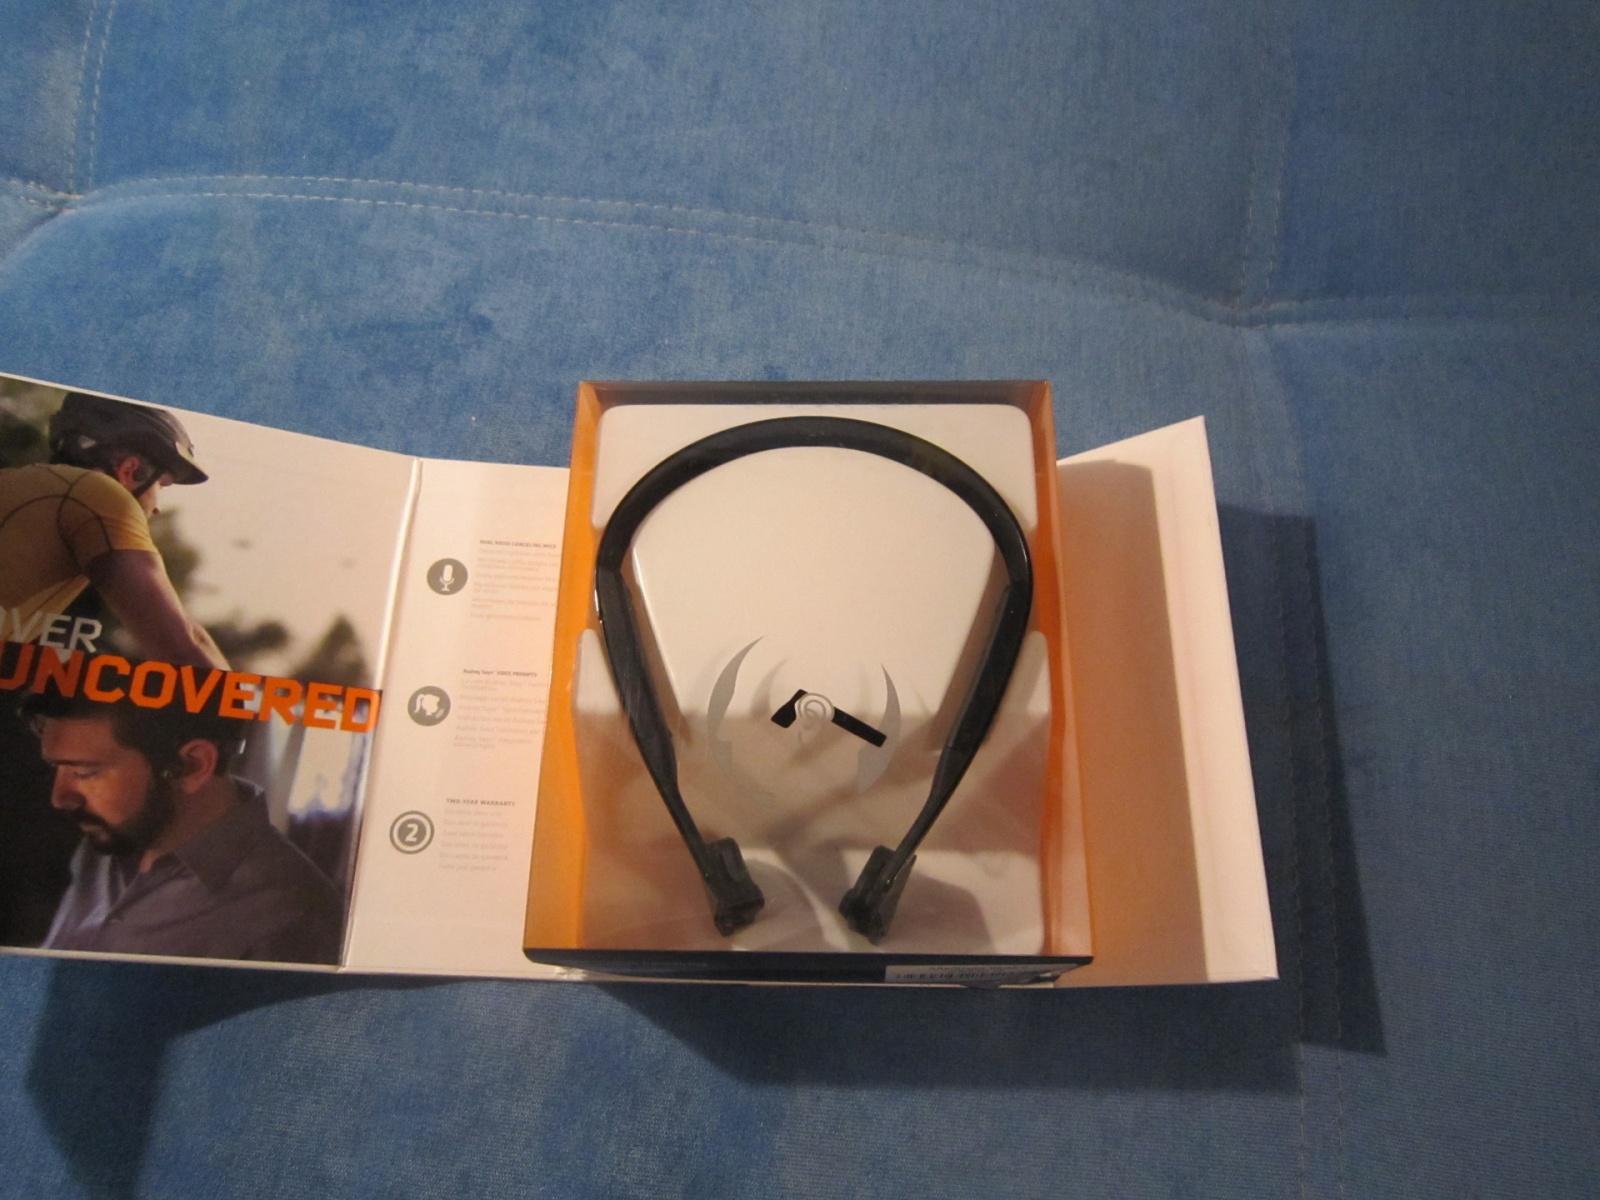 Sound Around беспроводные наушники с технологией костной проводимости - 2